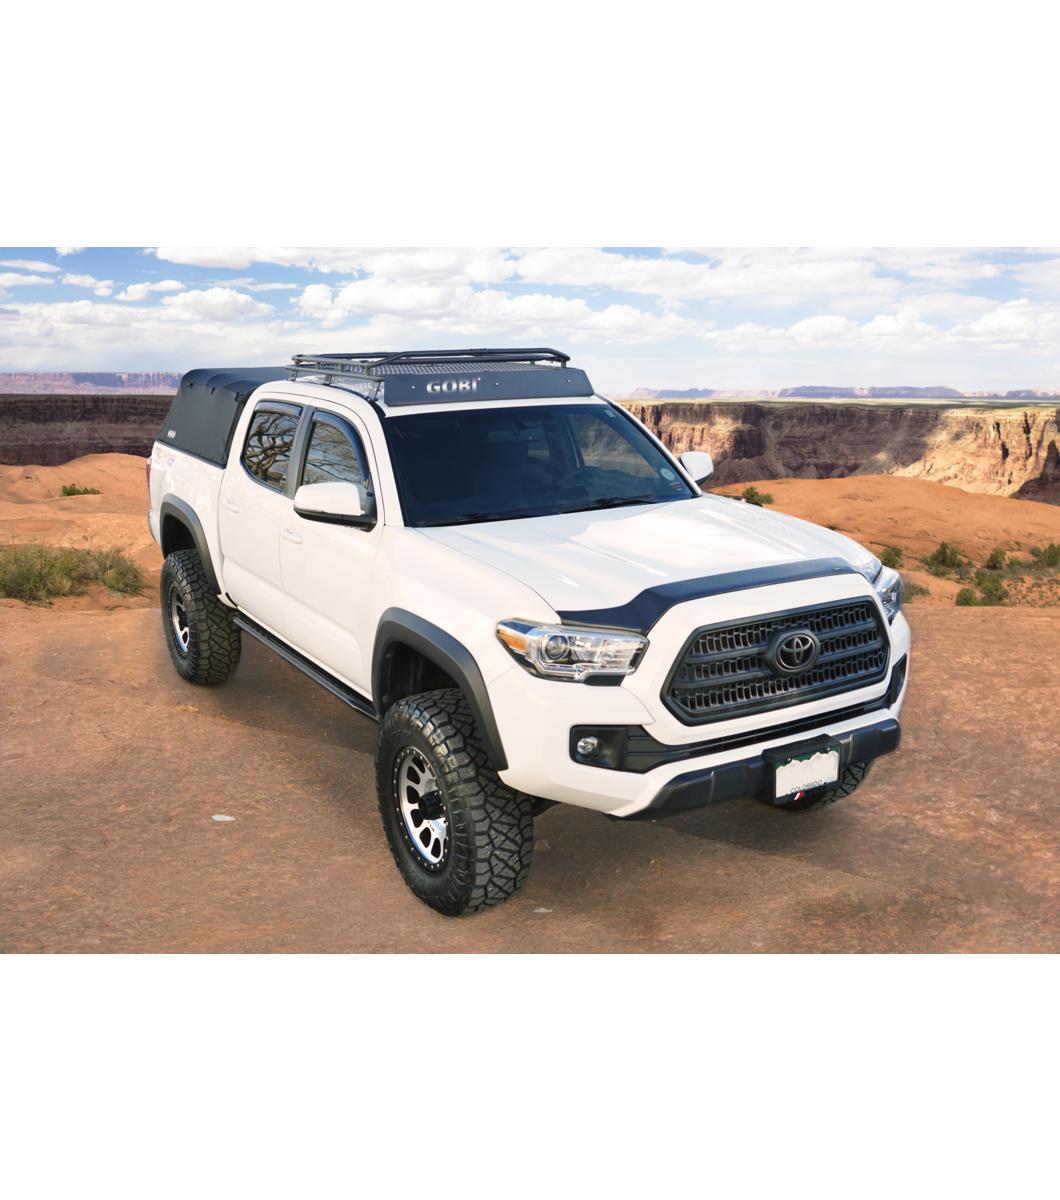 Captivating Gobi Usa Toyota Tacoma Stealth Roof Rack Front Led Opening